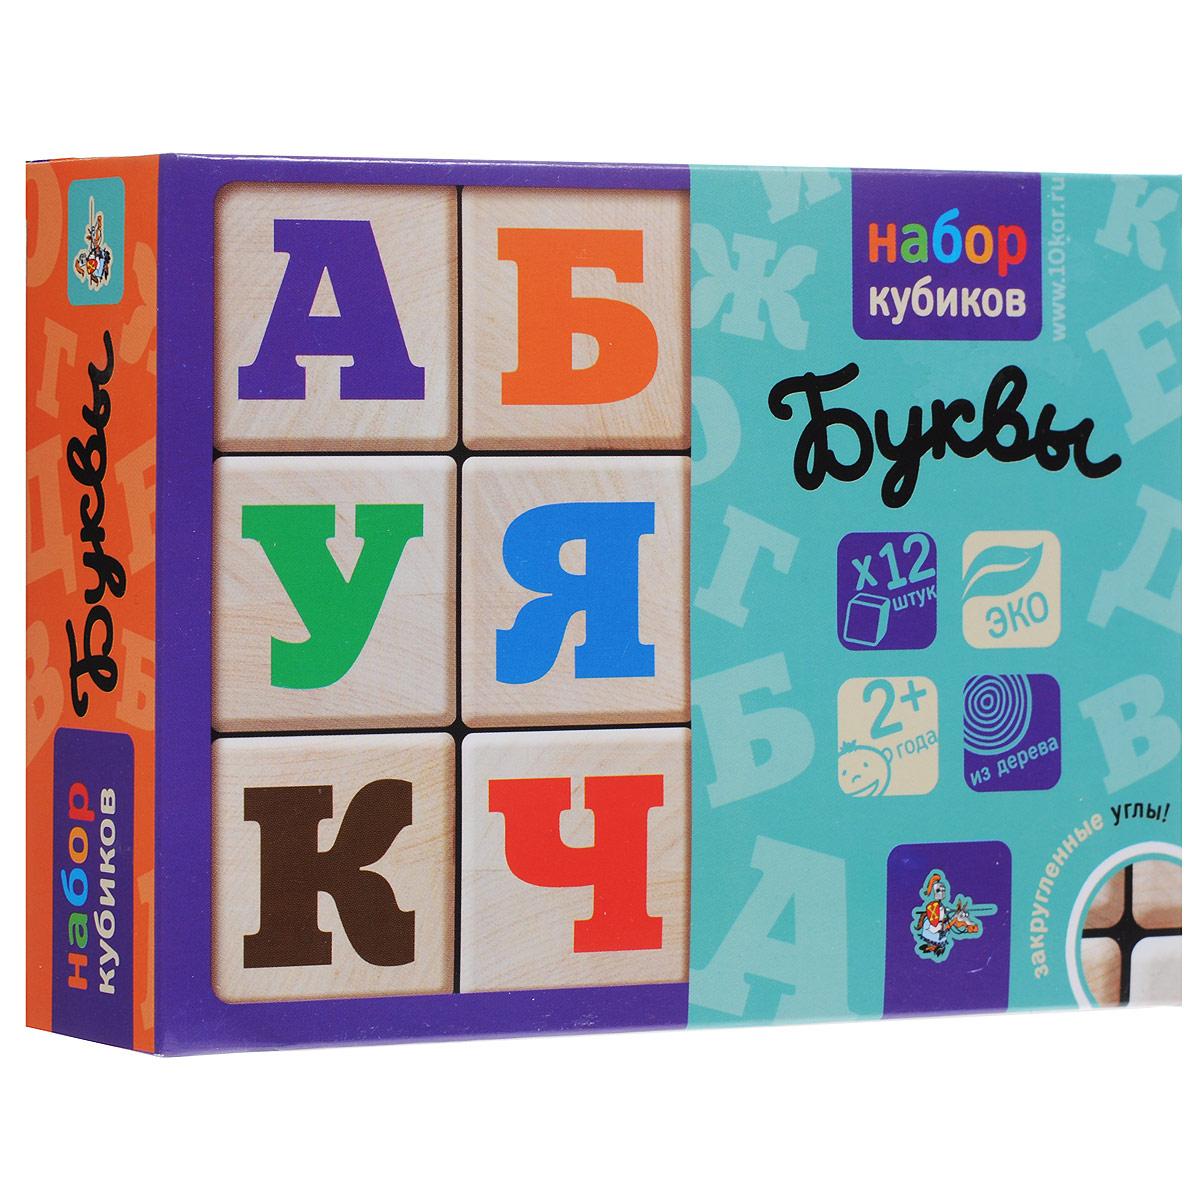 Набор кубиков Буквы, 12 шт. 0155201552Набор деревянных кубиков 12 штук с закругленными углами. Цветные буквы на неокрашеных кубиках. Набор представляет собой азбуку для малышей 3 года и старше на деревянных кубиках с буквами. Приятные на ощупь, хорошо отшлифованные кубики из вятской березы, с буквами, которые нанесены специальной краской, родом из Германии, могут стать первым шагом в освоении маленьким человечком всего богатства и многообразия русского языка. Размеры кубика 40 на 40 мм являются оптимальными для детской руки. Но при этом кубик из массива сухой березы весит почти 40 грамм. В отличие от многих других производителей, мы закруглили углы и все острые кромки кубиков, сделав набор максимально безопасным. При этом набор кубиков не стал золотым, а имеет разумную цену при абсолютно европейском качестве, которым, в принципе, можно гордиться. И несколько слов о цвете букв. Многие методисты считают, что буквы должны быть только черного цвета, но так как с ними согласны далеко не все детские педагоги и психологи,...